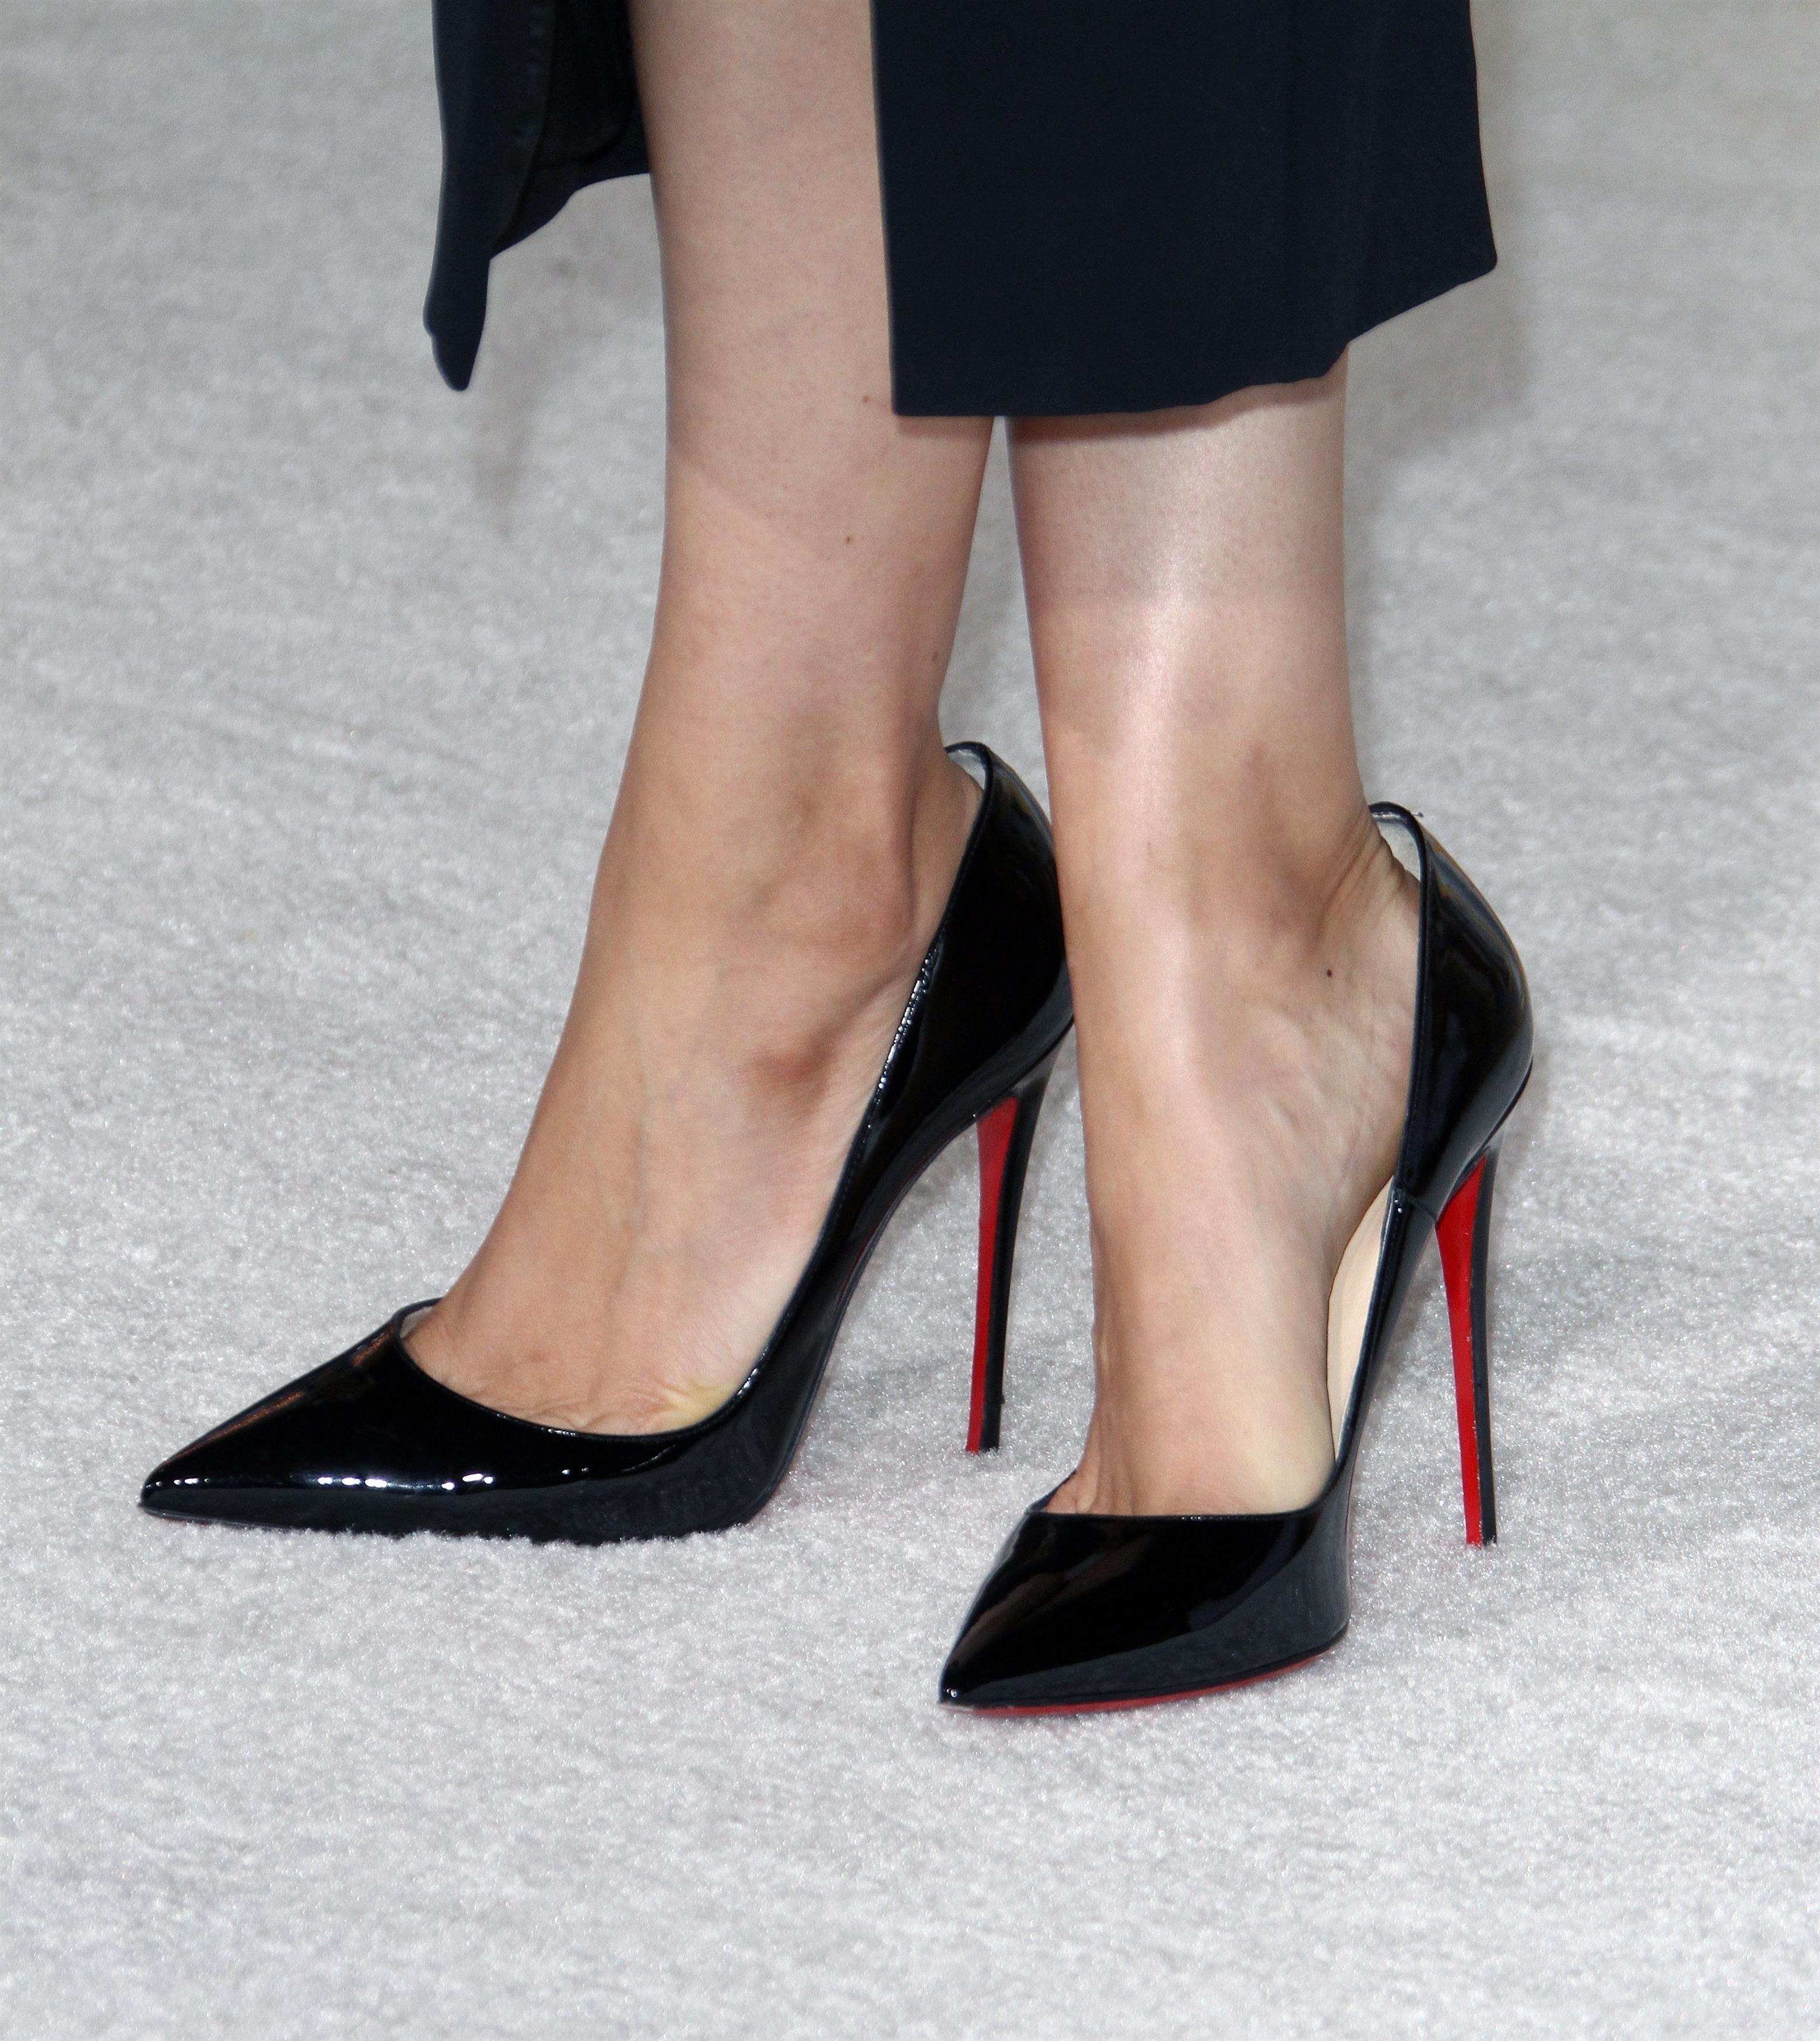 mila kunis's feet << wikifeet